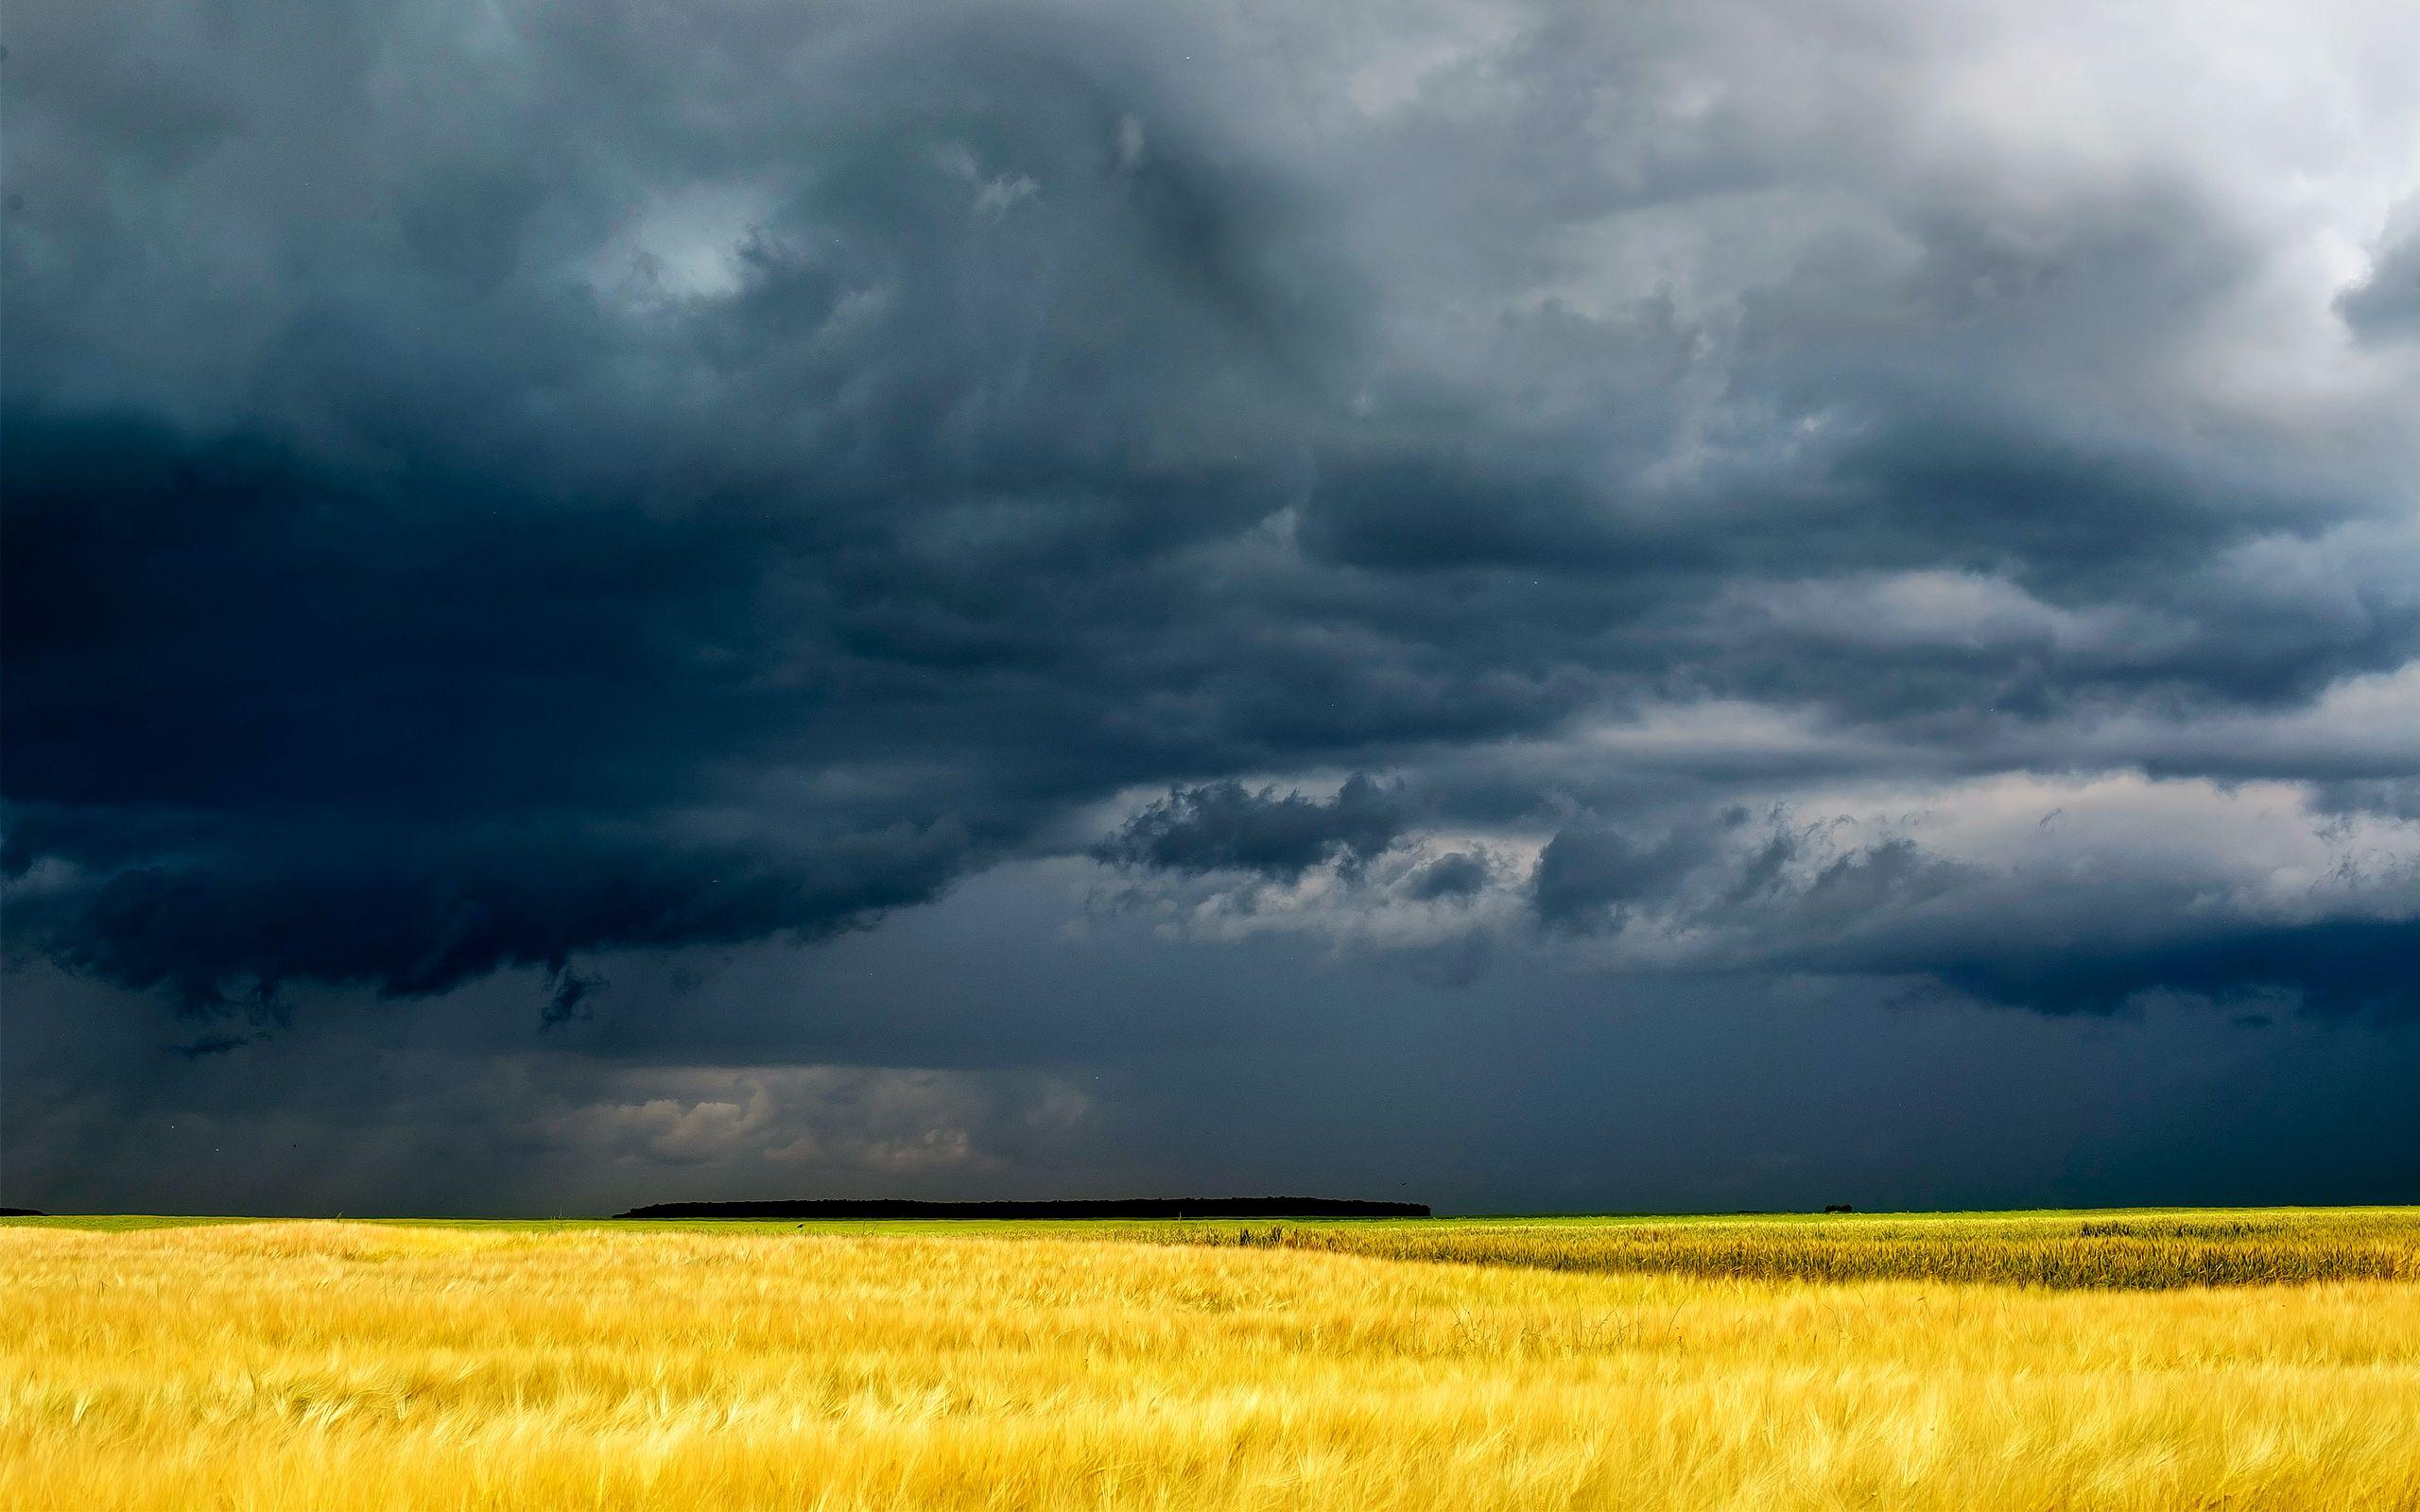 Bright Yellow And Dark Blue Idei Ozeleneniya Oblaka Mrachnye Fotografii